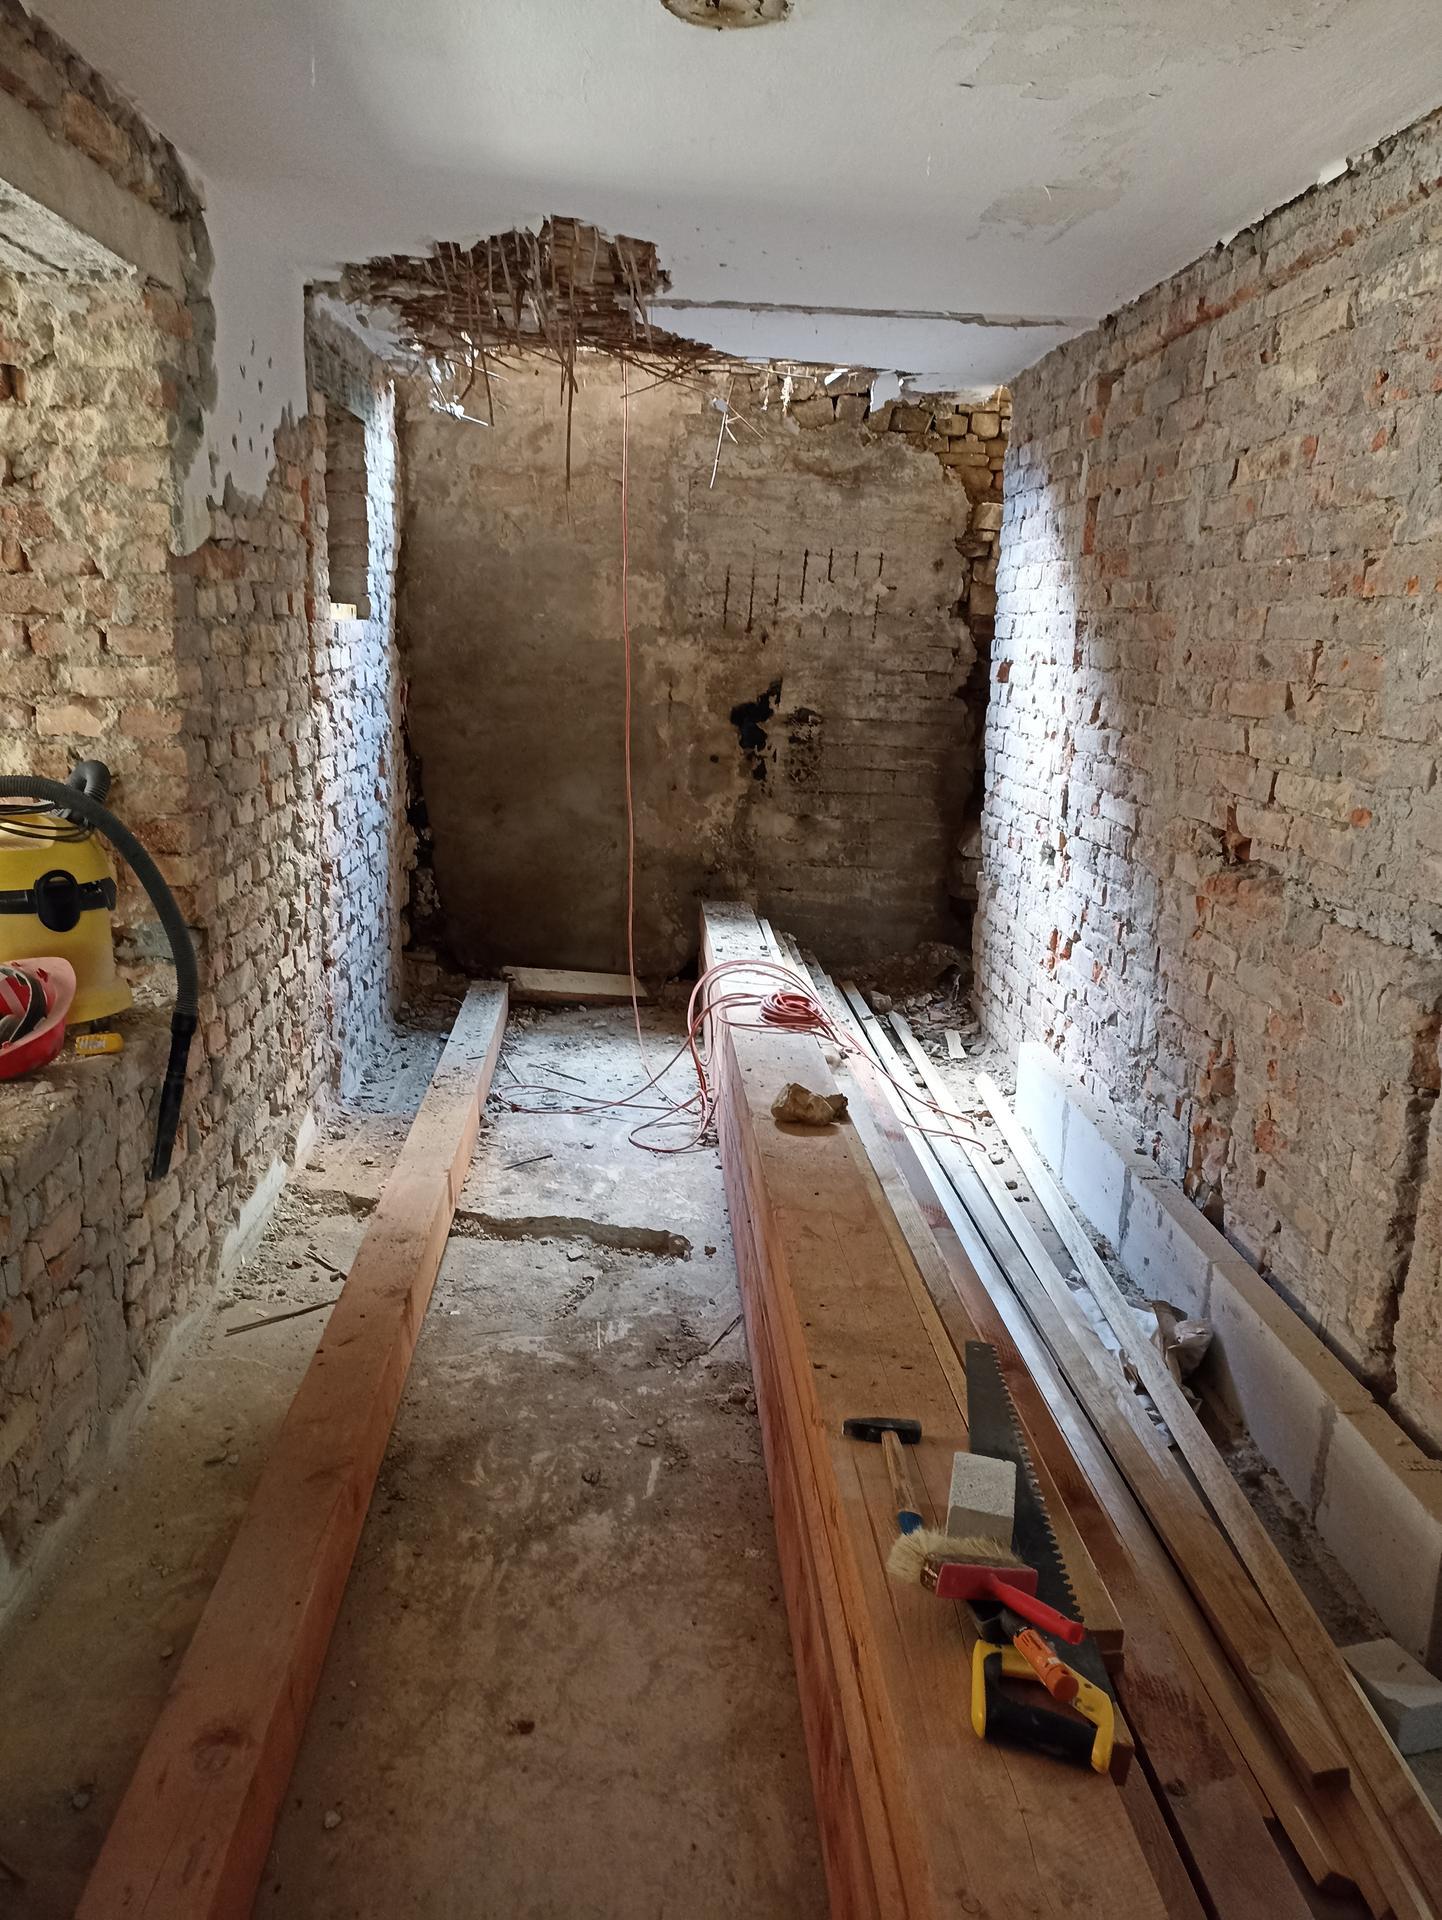 Kuchyň - Spižírna je fuč, bude se stavět opěrná zeď